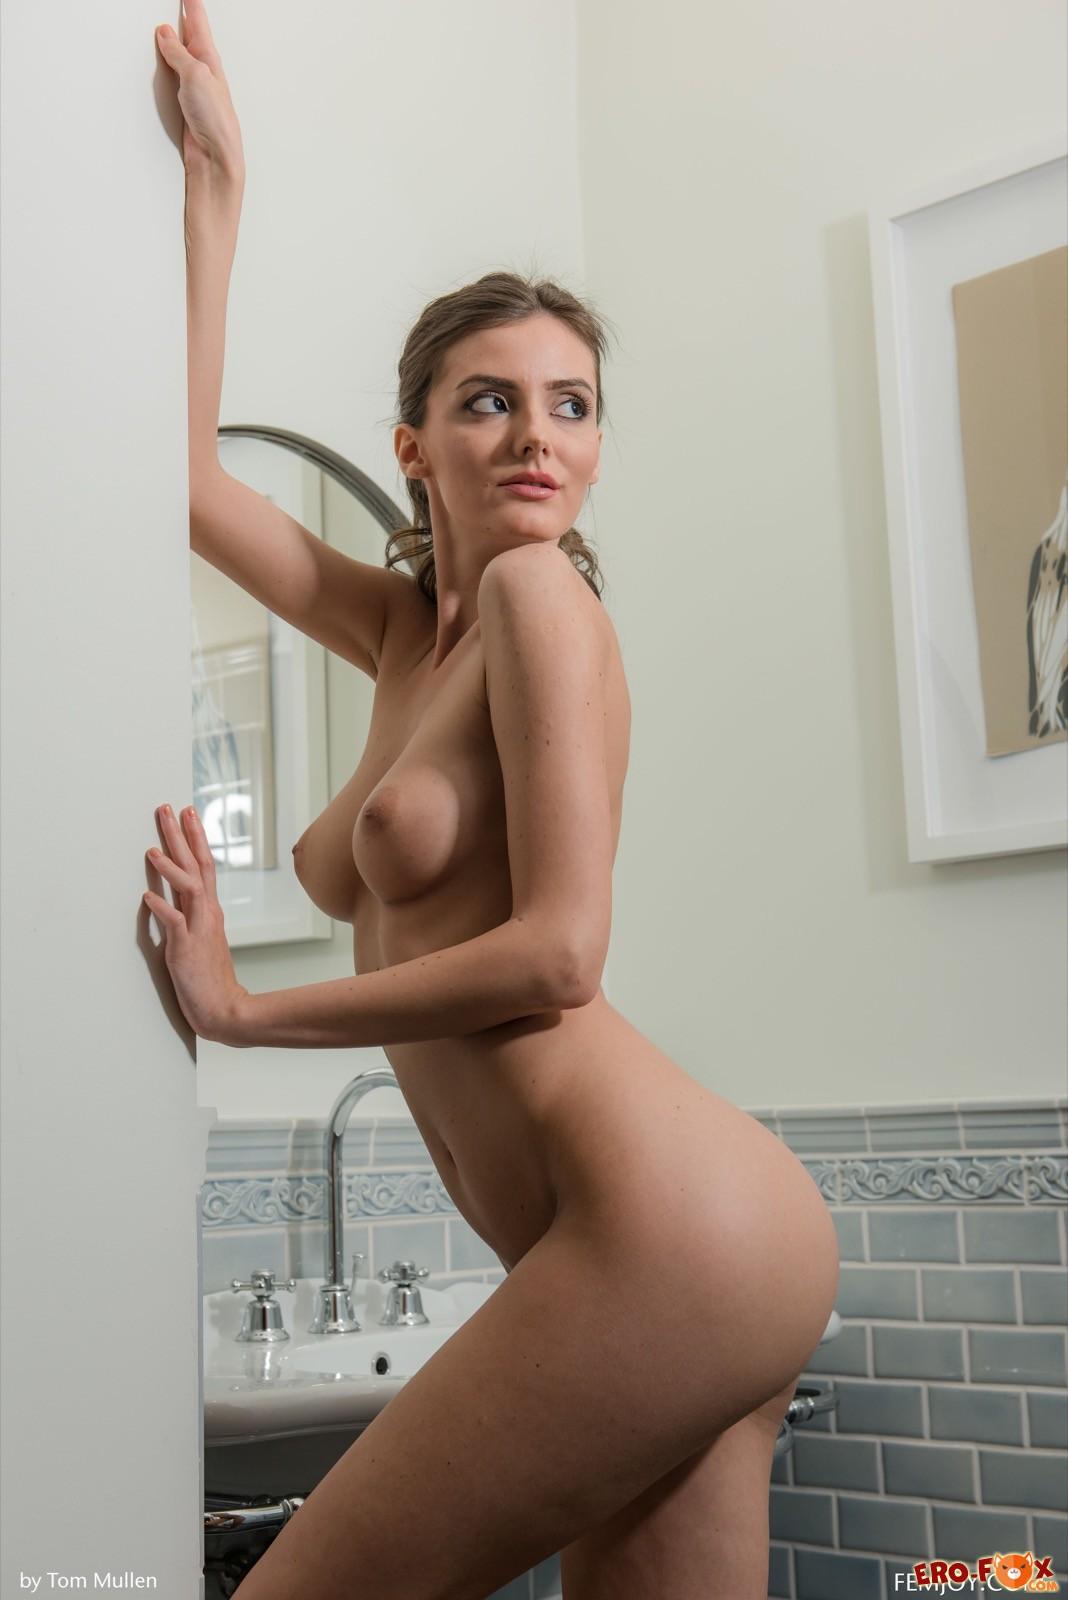 Голая девушка сняла полотенце в ванной